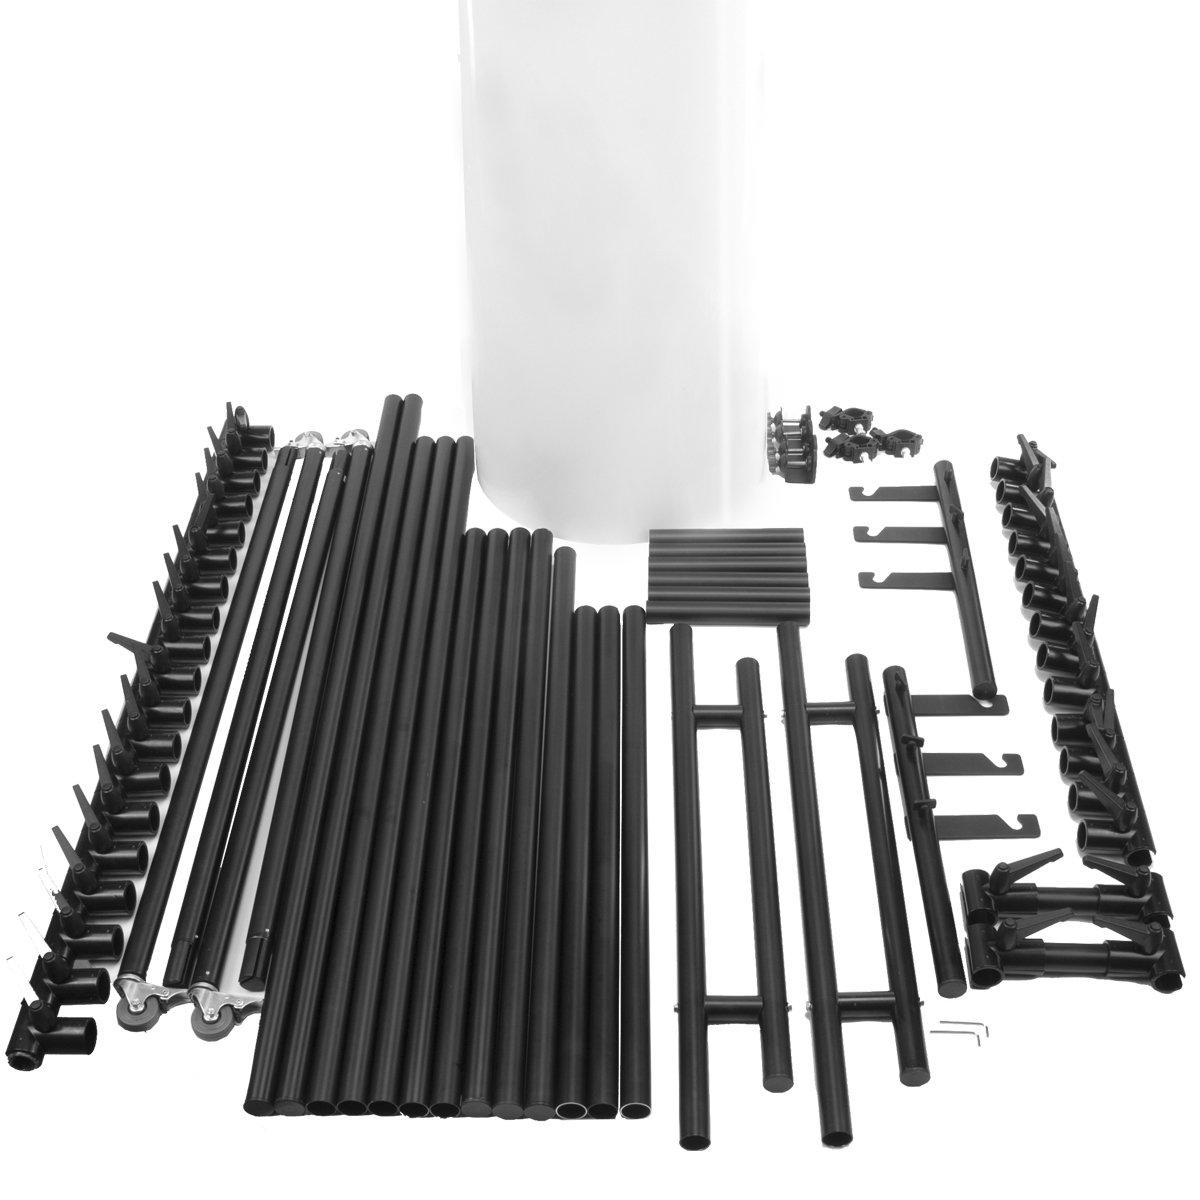 Mesa de fotograf/ía para fotos de producto Walimex Basic tama/ño S, altura de disparo de 50 cm color blanco y negro